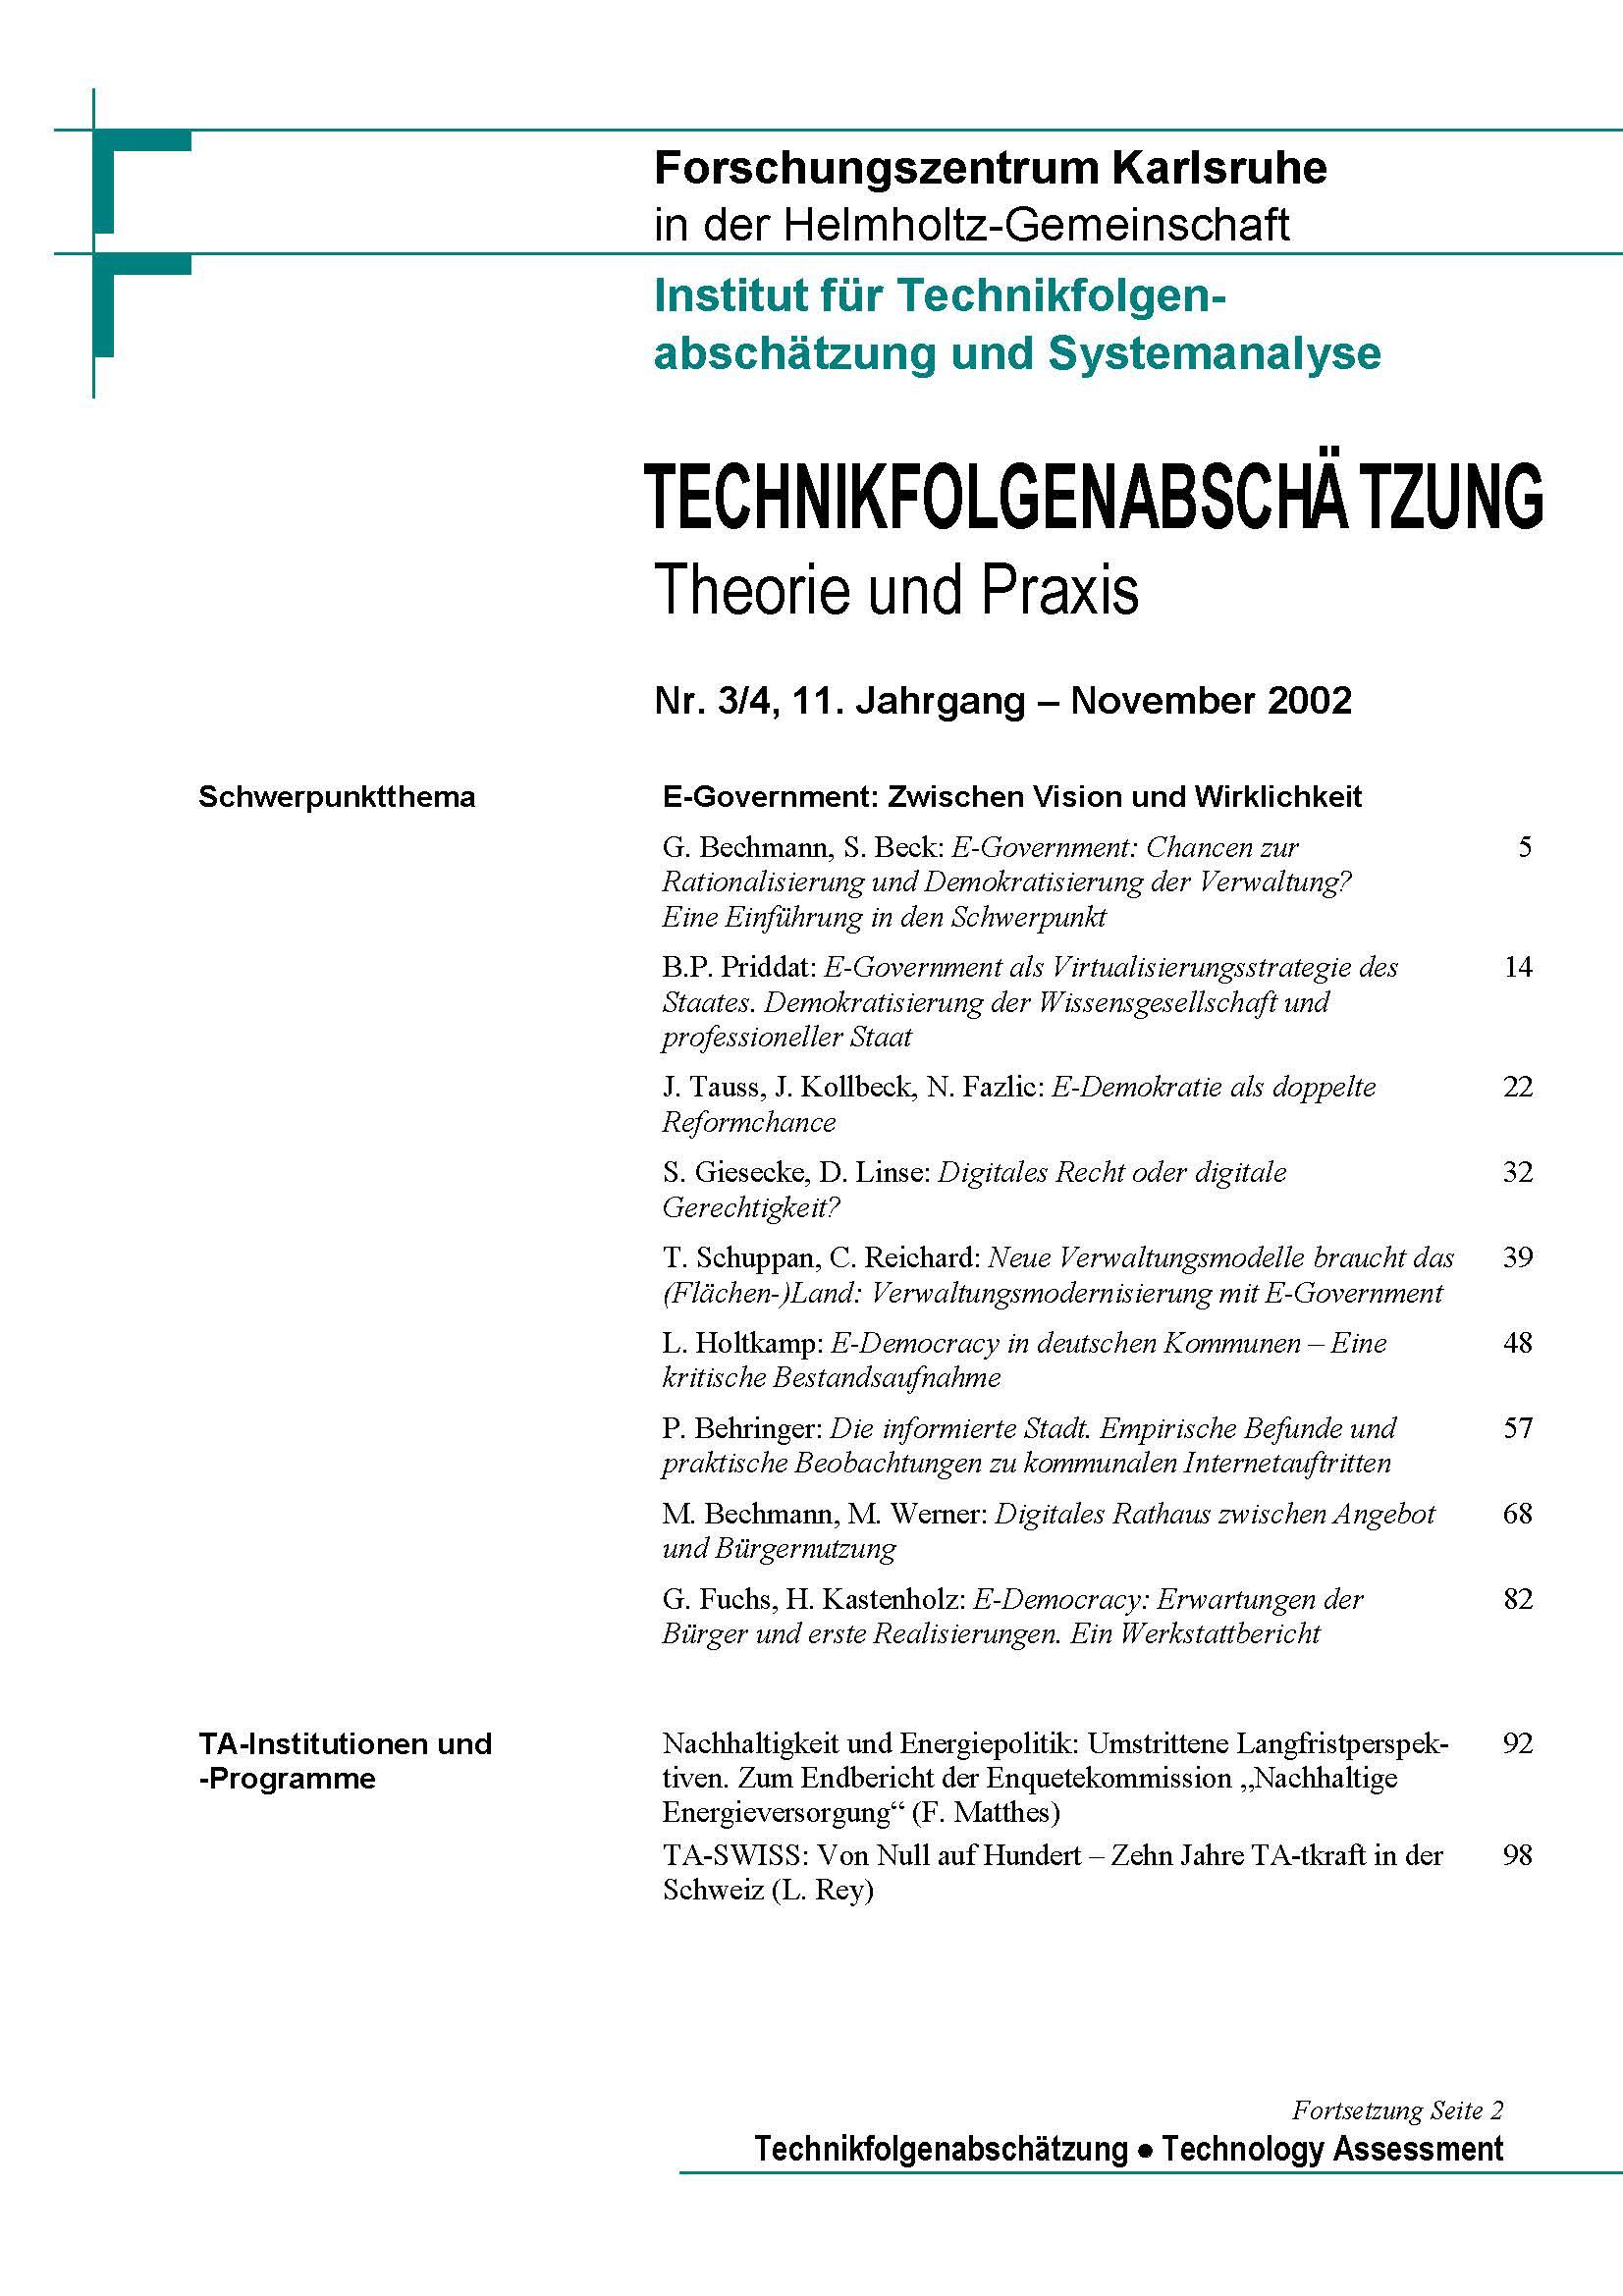 View Vol. 11 No. 3-4 (2002): E-Government - Zwischen Vision und Wirklichkeit